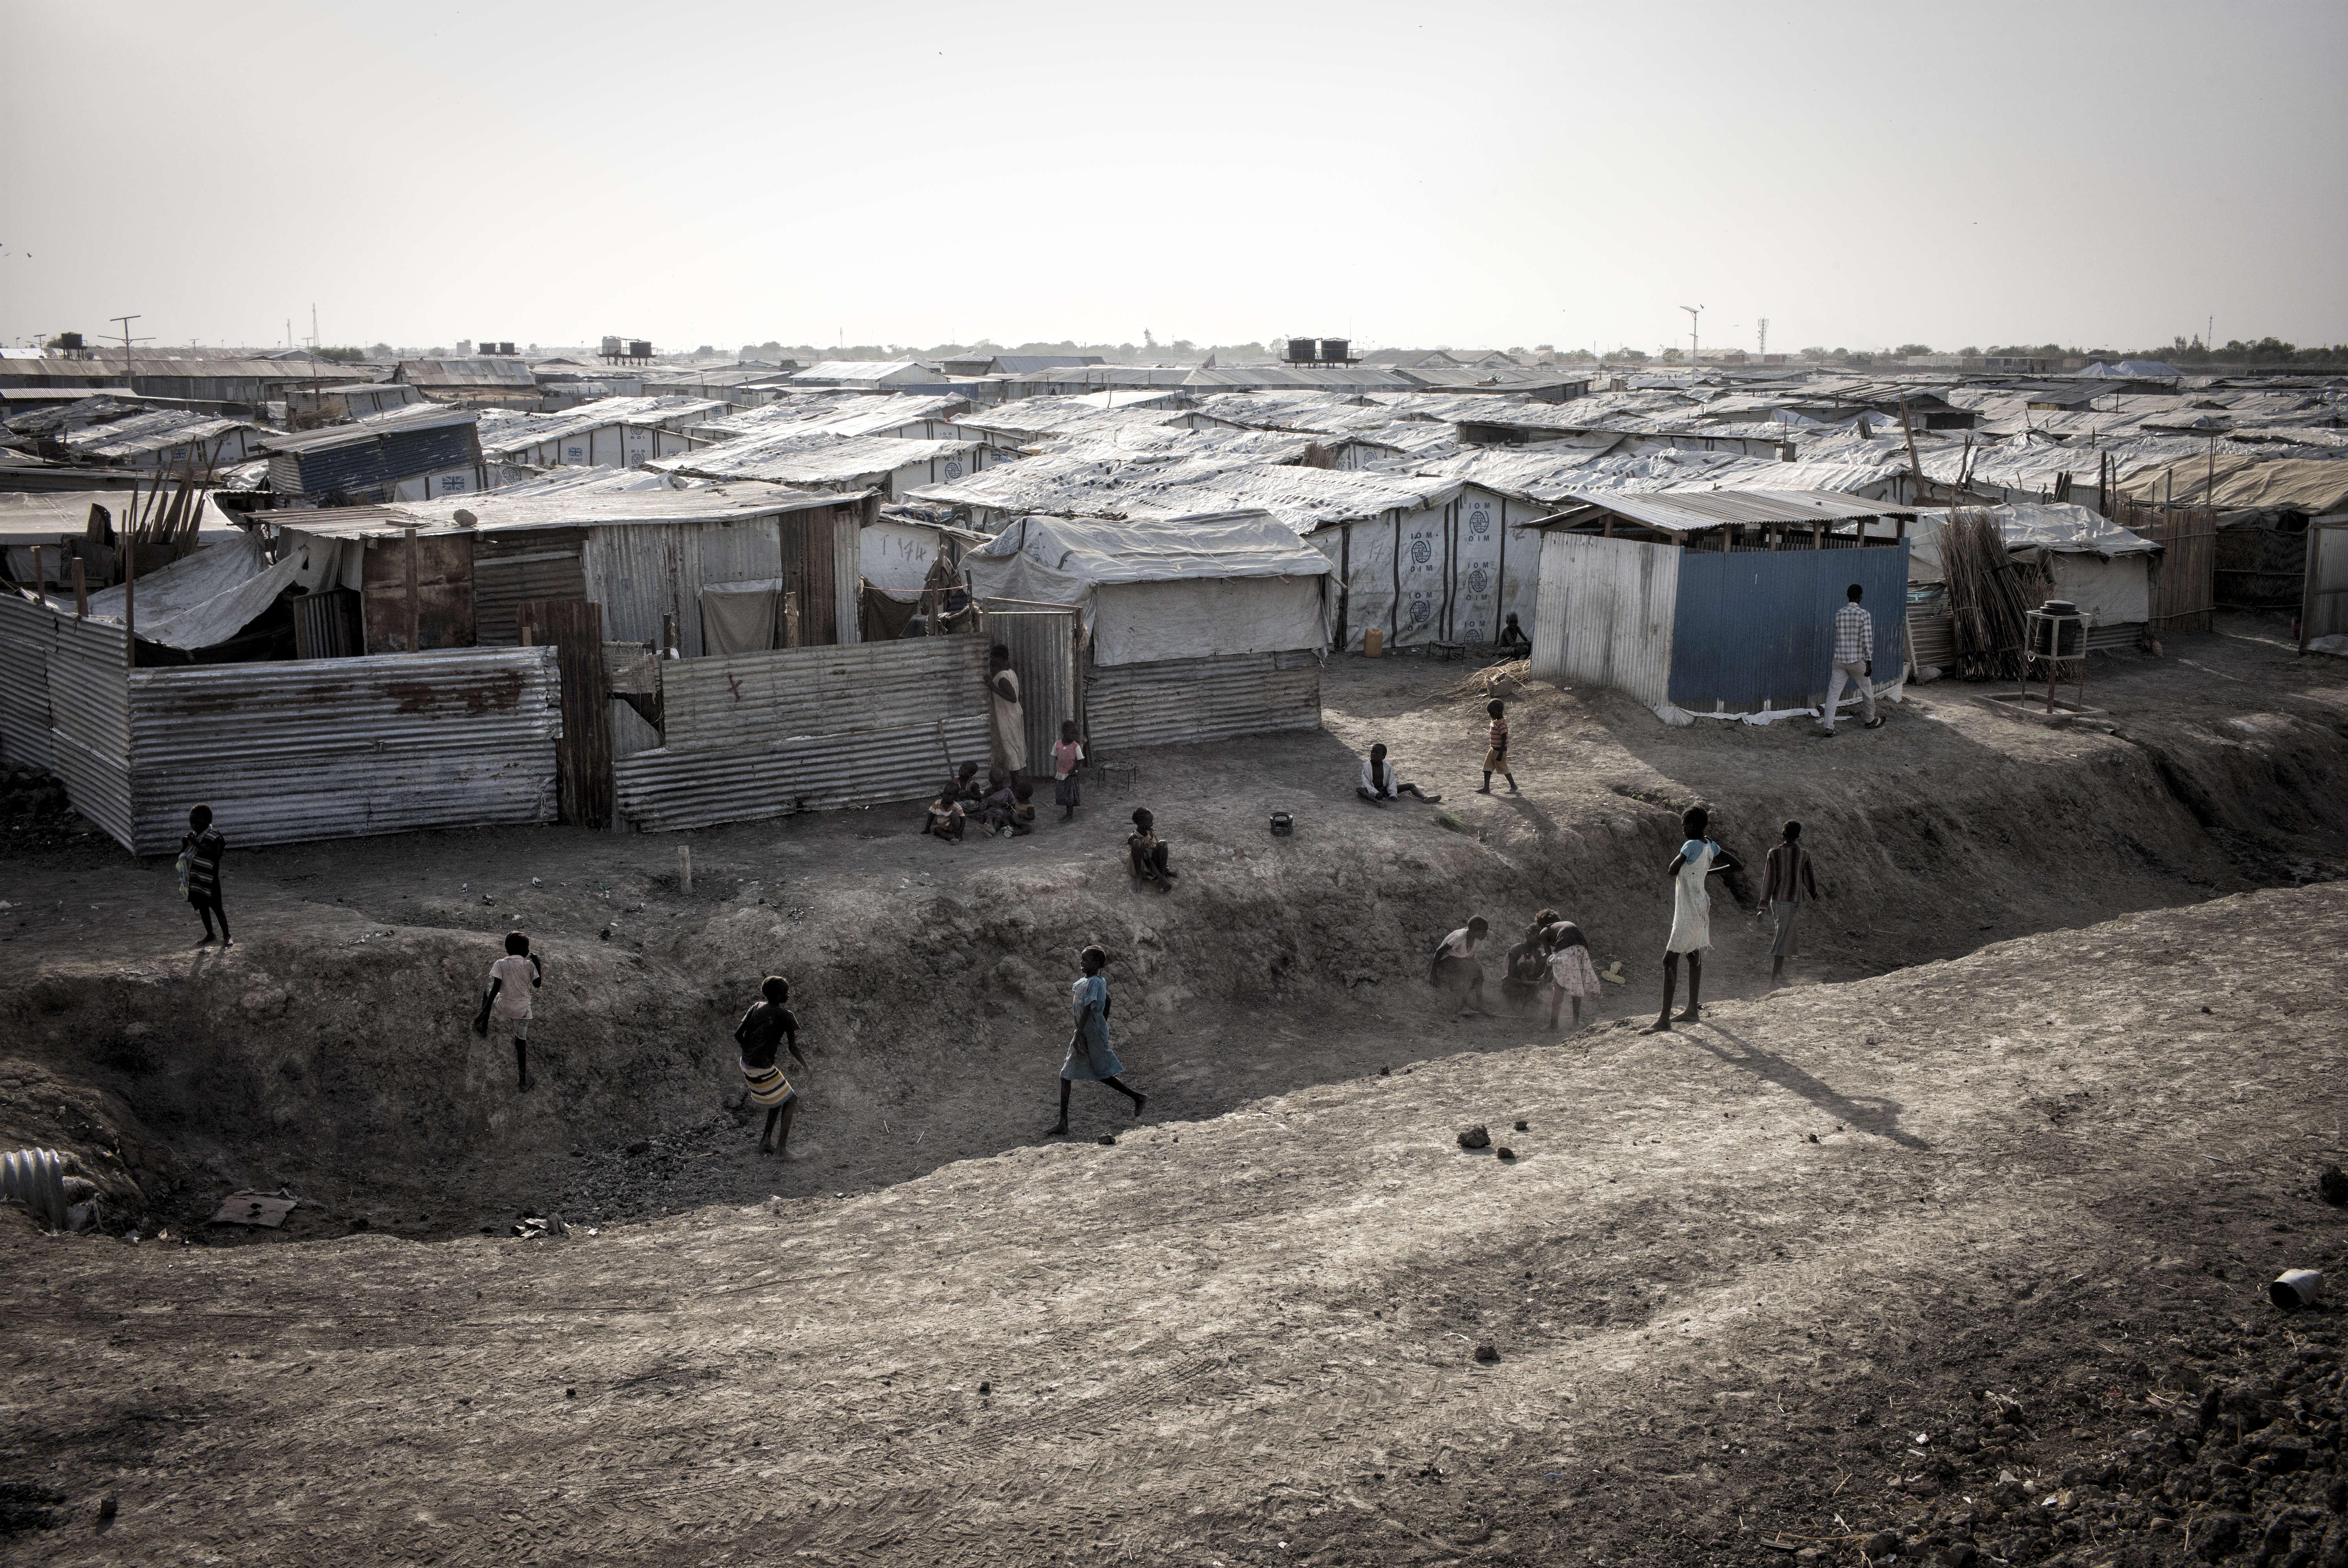 Vue partielle du camp de protection des civils de la Mission des Nations unies au Soudan du Sud, la Minuss, près de Malakal.